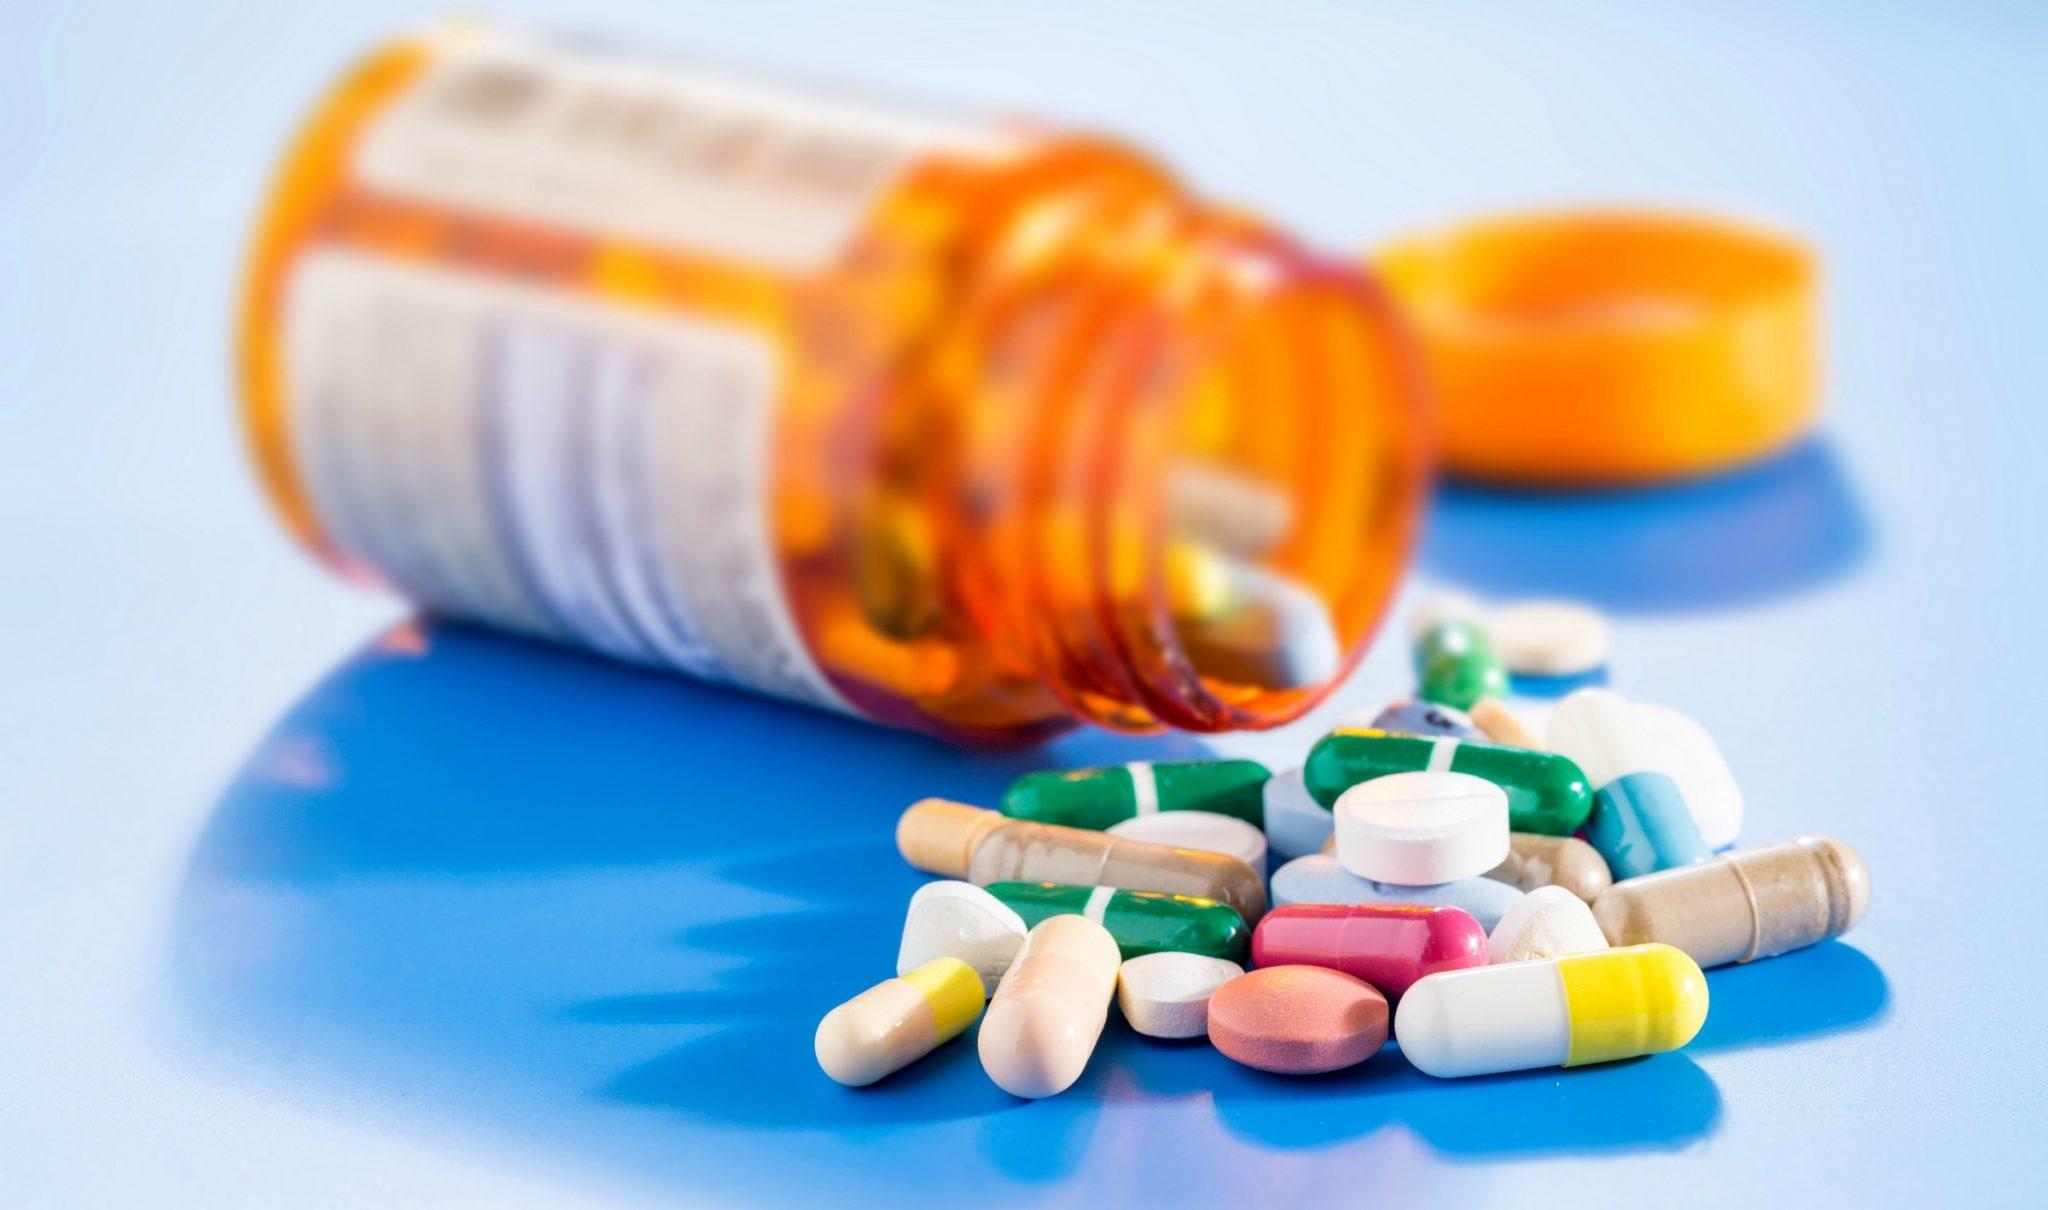 Reajuste de medicamentos